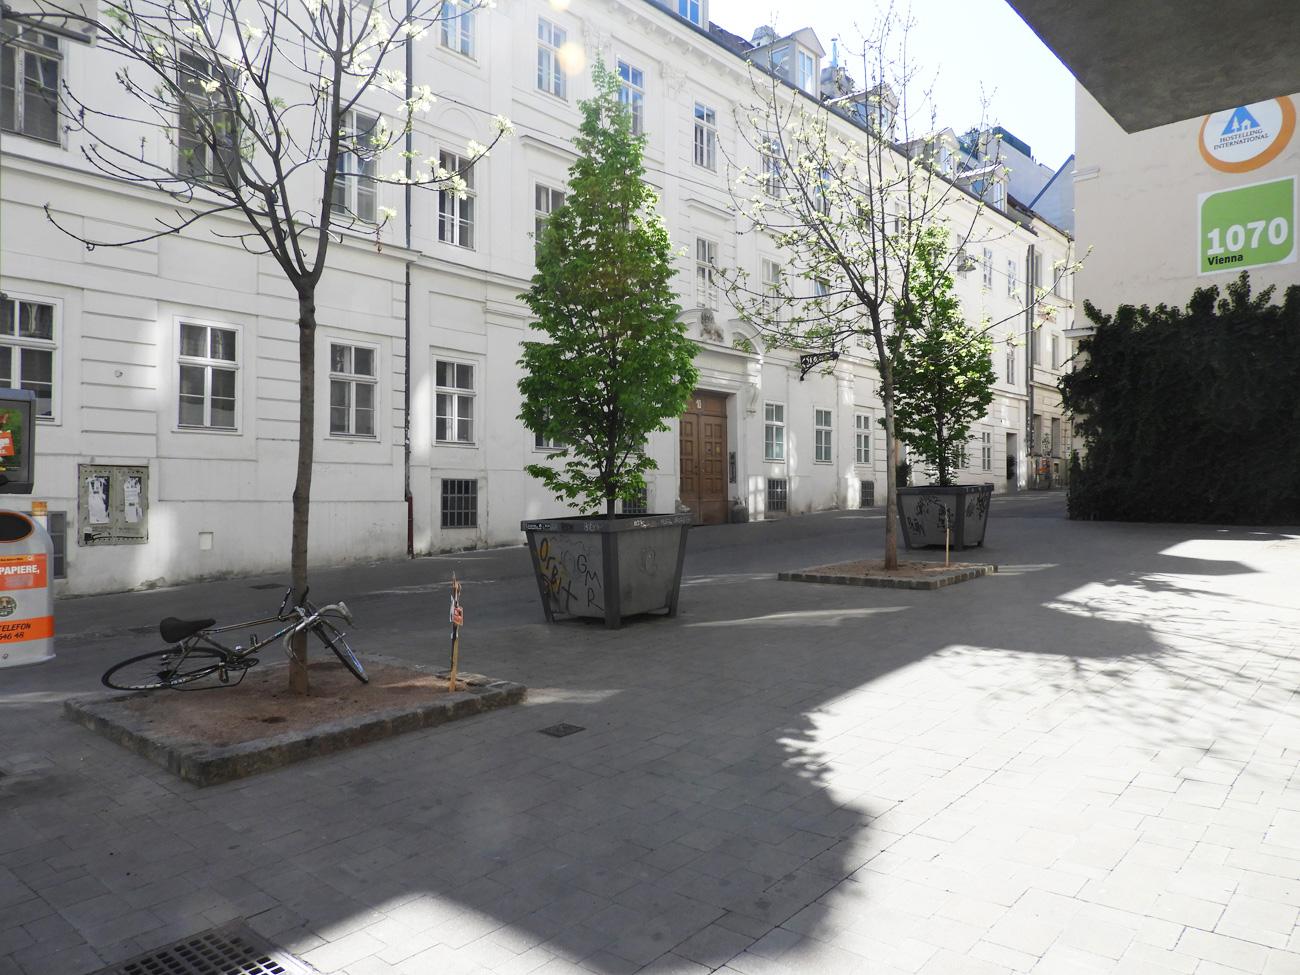 Myrthengasse Wien mit Agenda 21